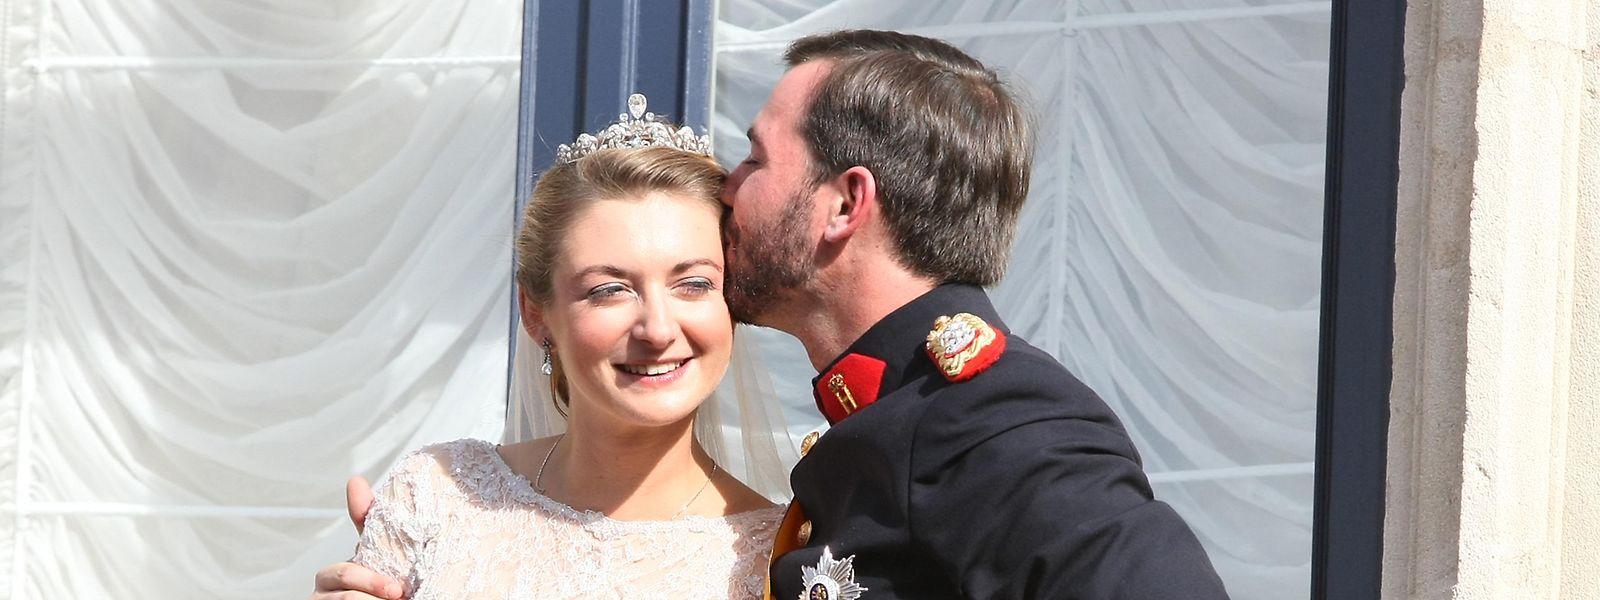 O casal herdeiro no dia do casamento religioso em 20 de outubro de 2012.